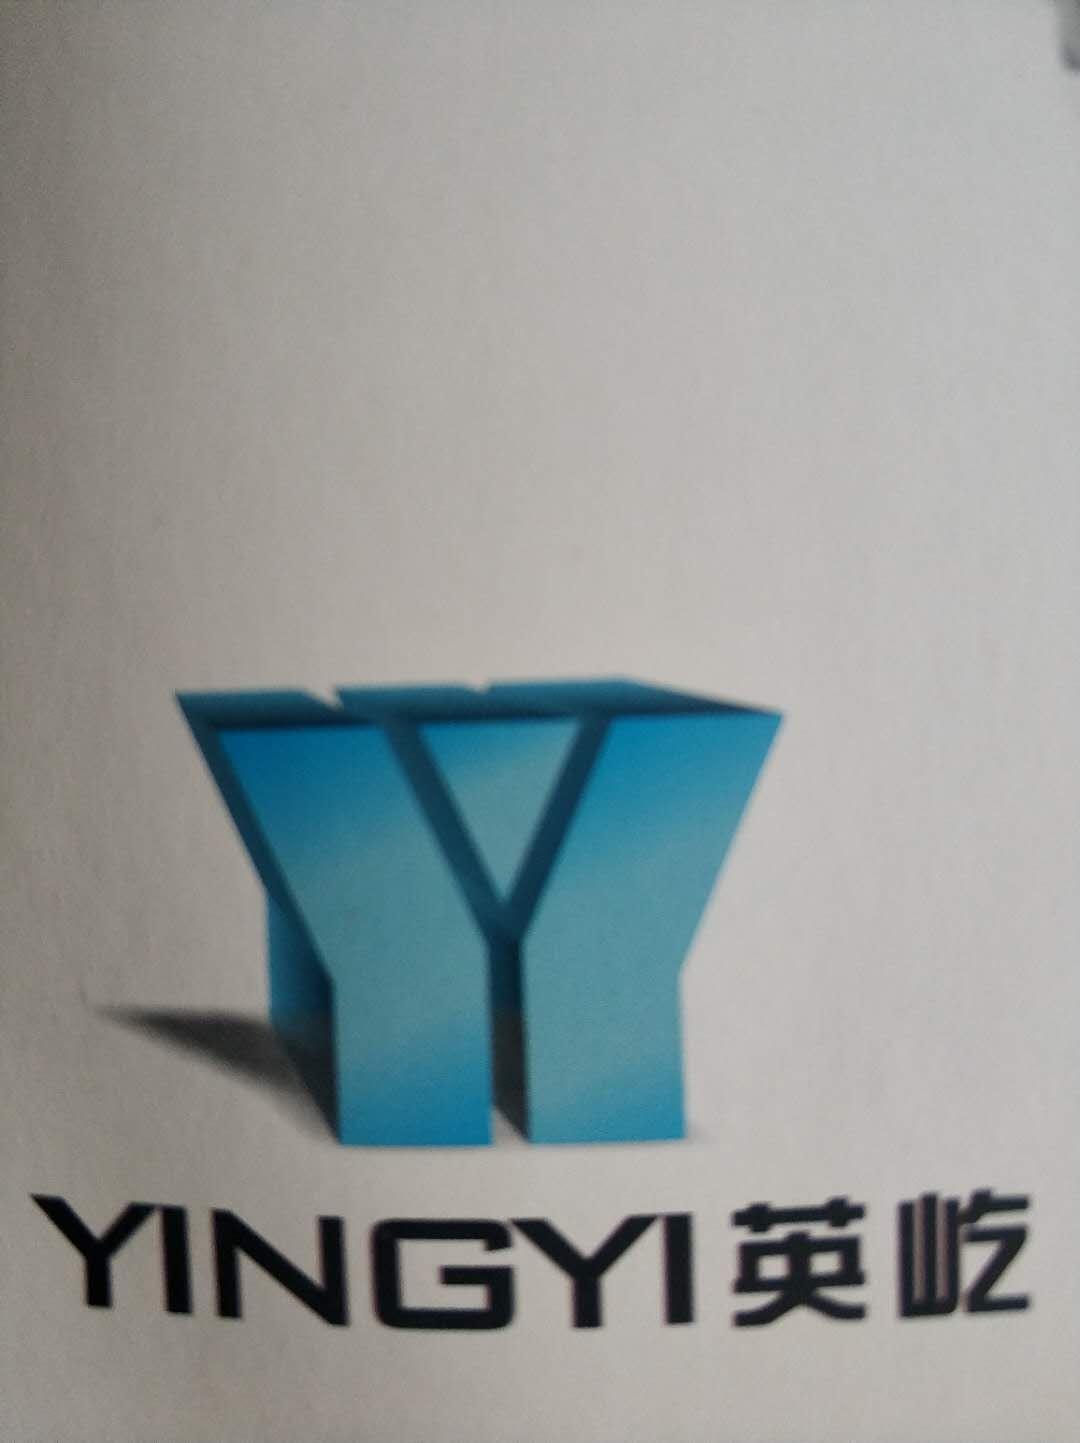 上海英屹涂层技术有限公司